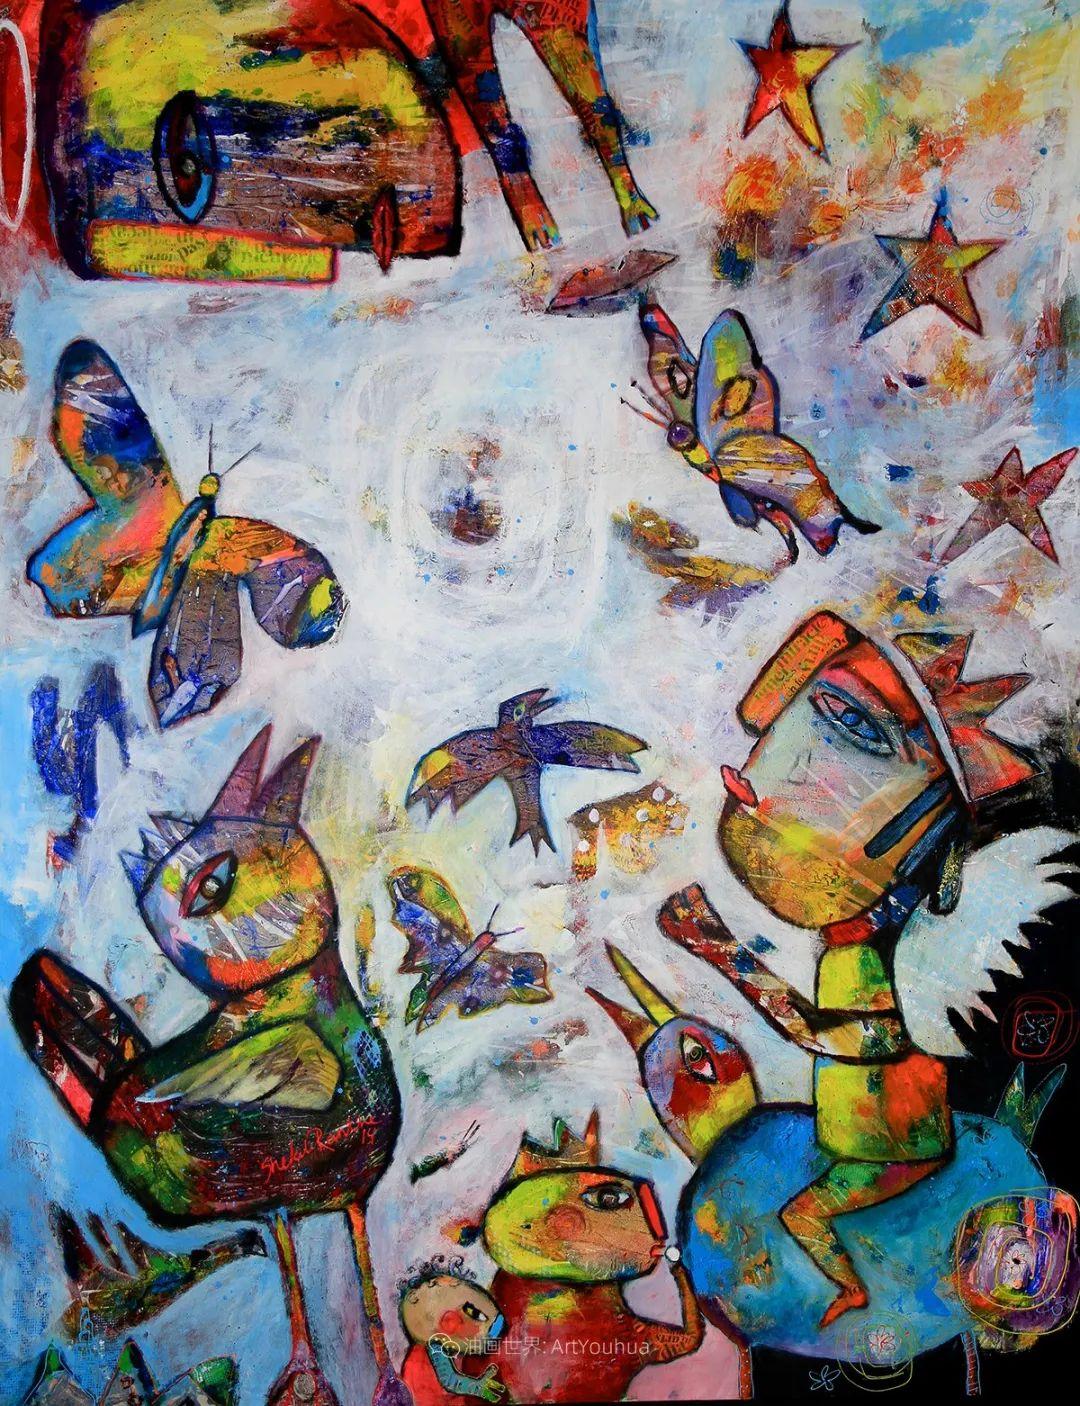 她的艺术是丰富多彩的,孟加拉国艺术家谢法利·兰特插图26